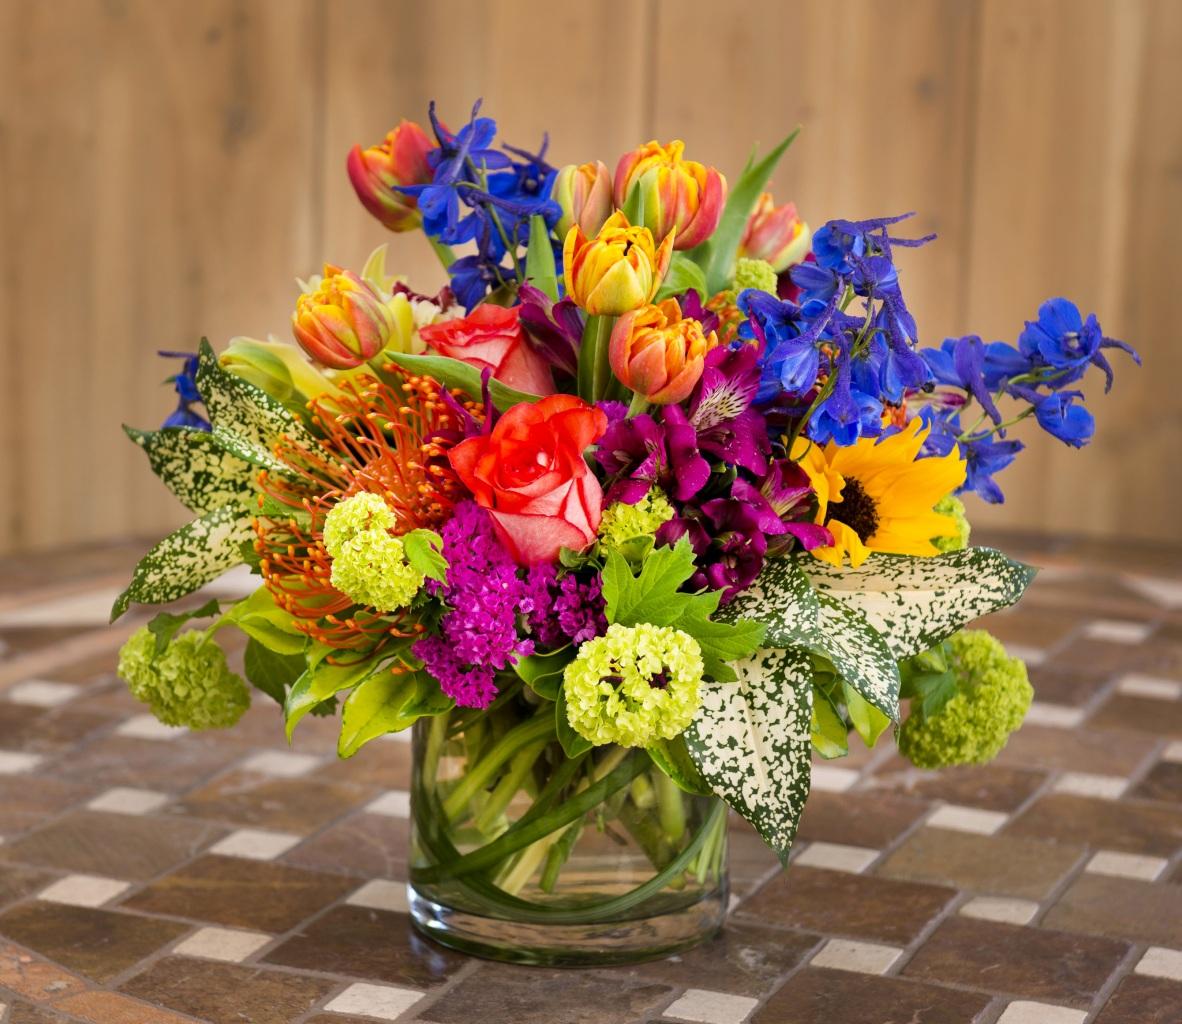 этого букеты цветов из разных цветов фото вам видно